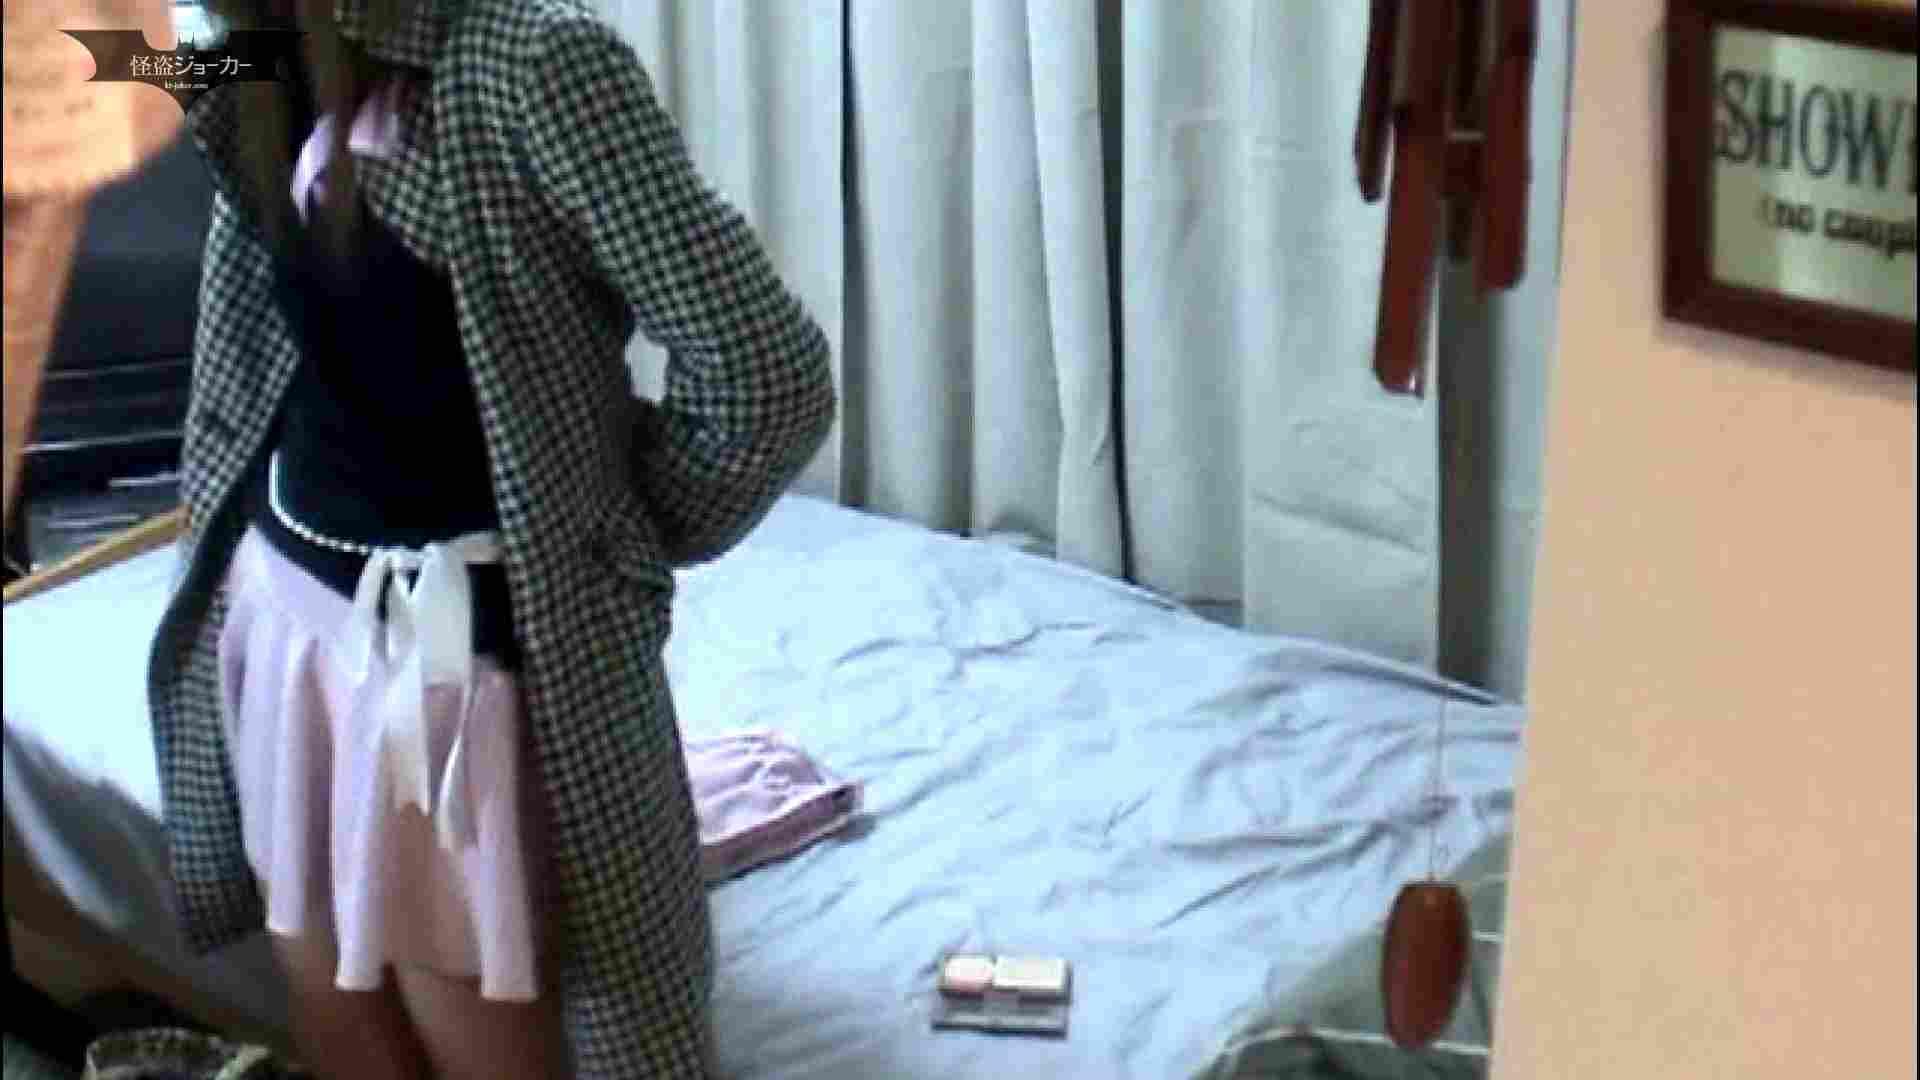 素人女良を部屋に連れ込み隠し撮りSEX!! その③ 美白女良さやか 素人  109pic 27